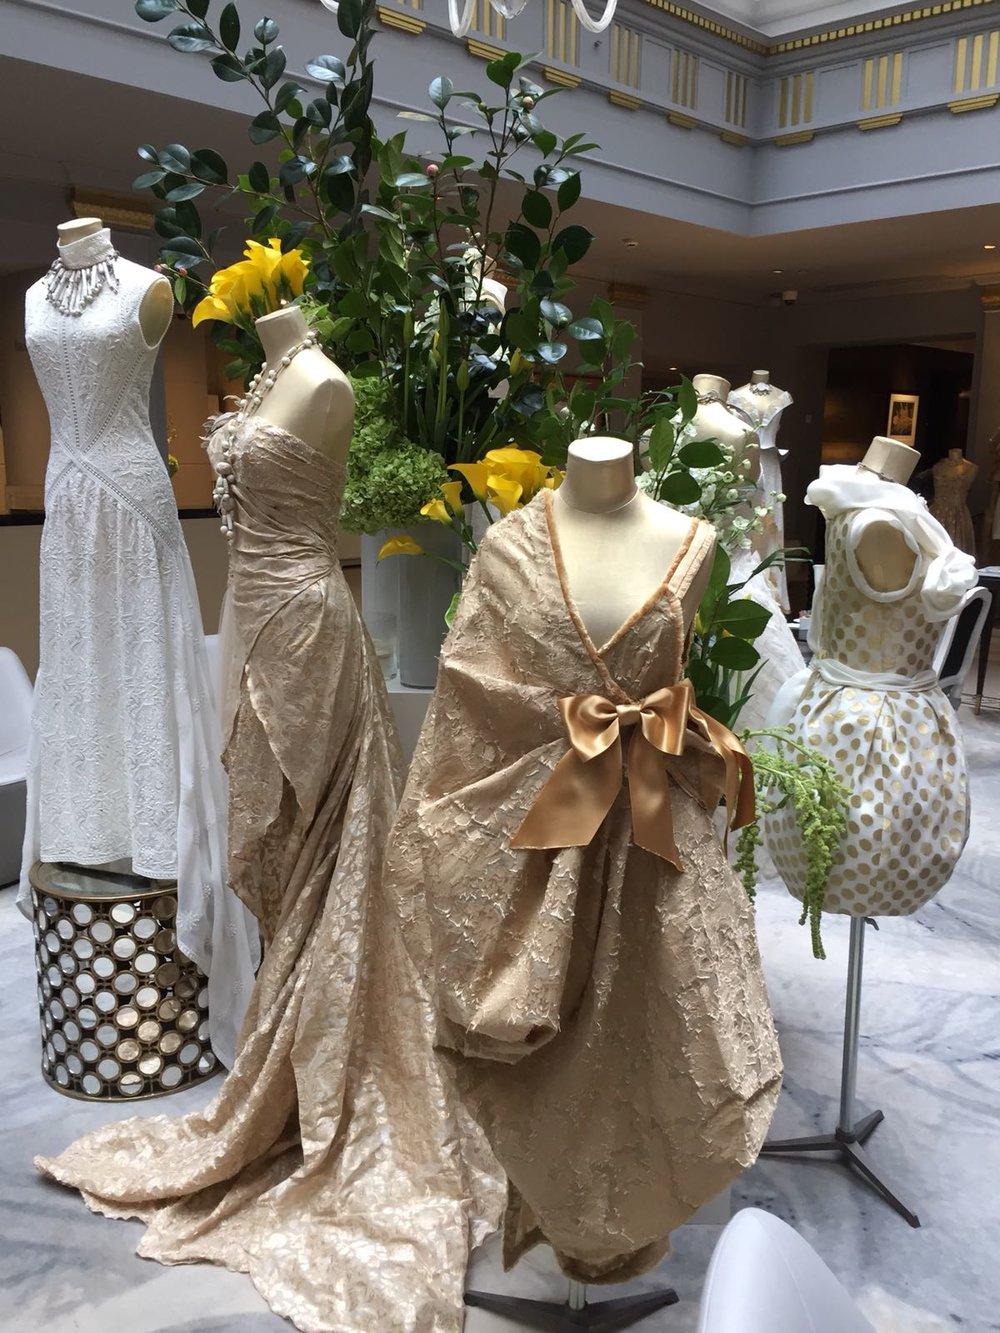 L'exposition a également invité la designer américaine  Colleen Quen , invitée d'honneur lors de l'exposition.